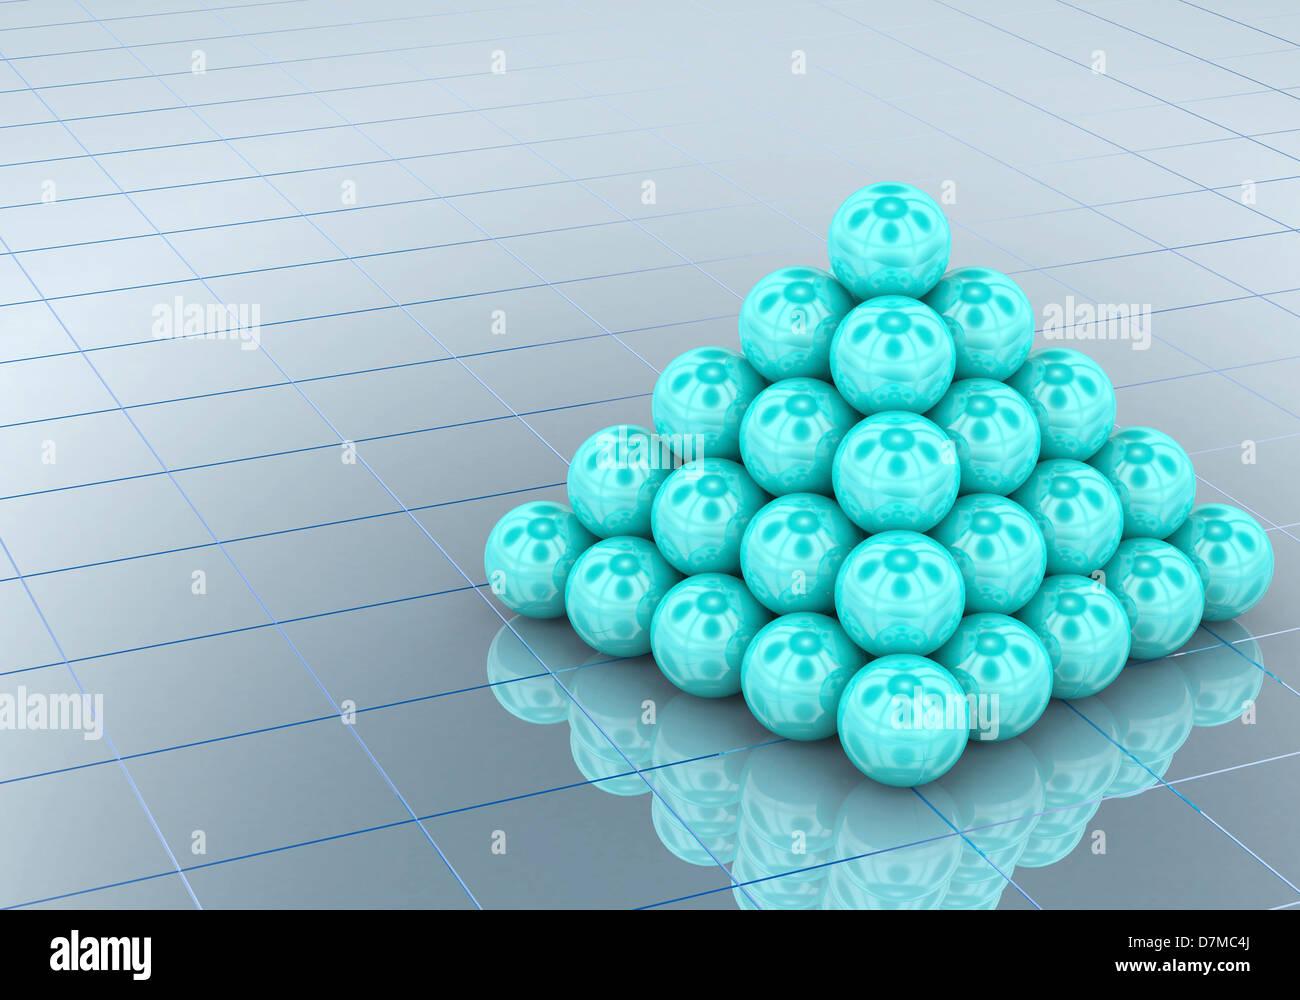 Pyramid, artwork - Stock Image